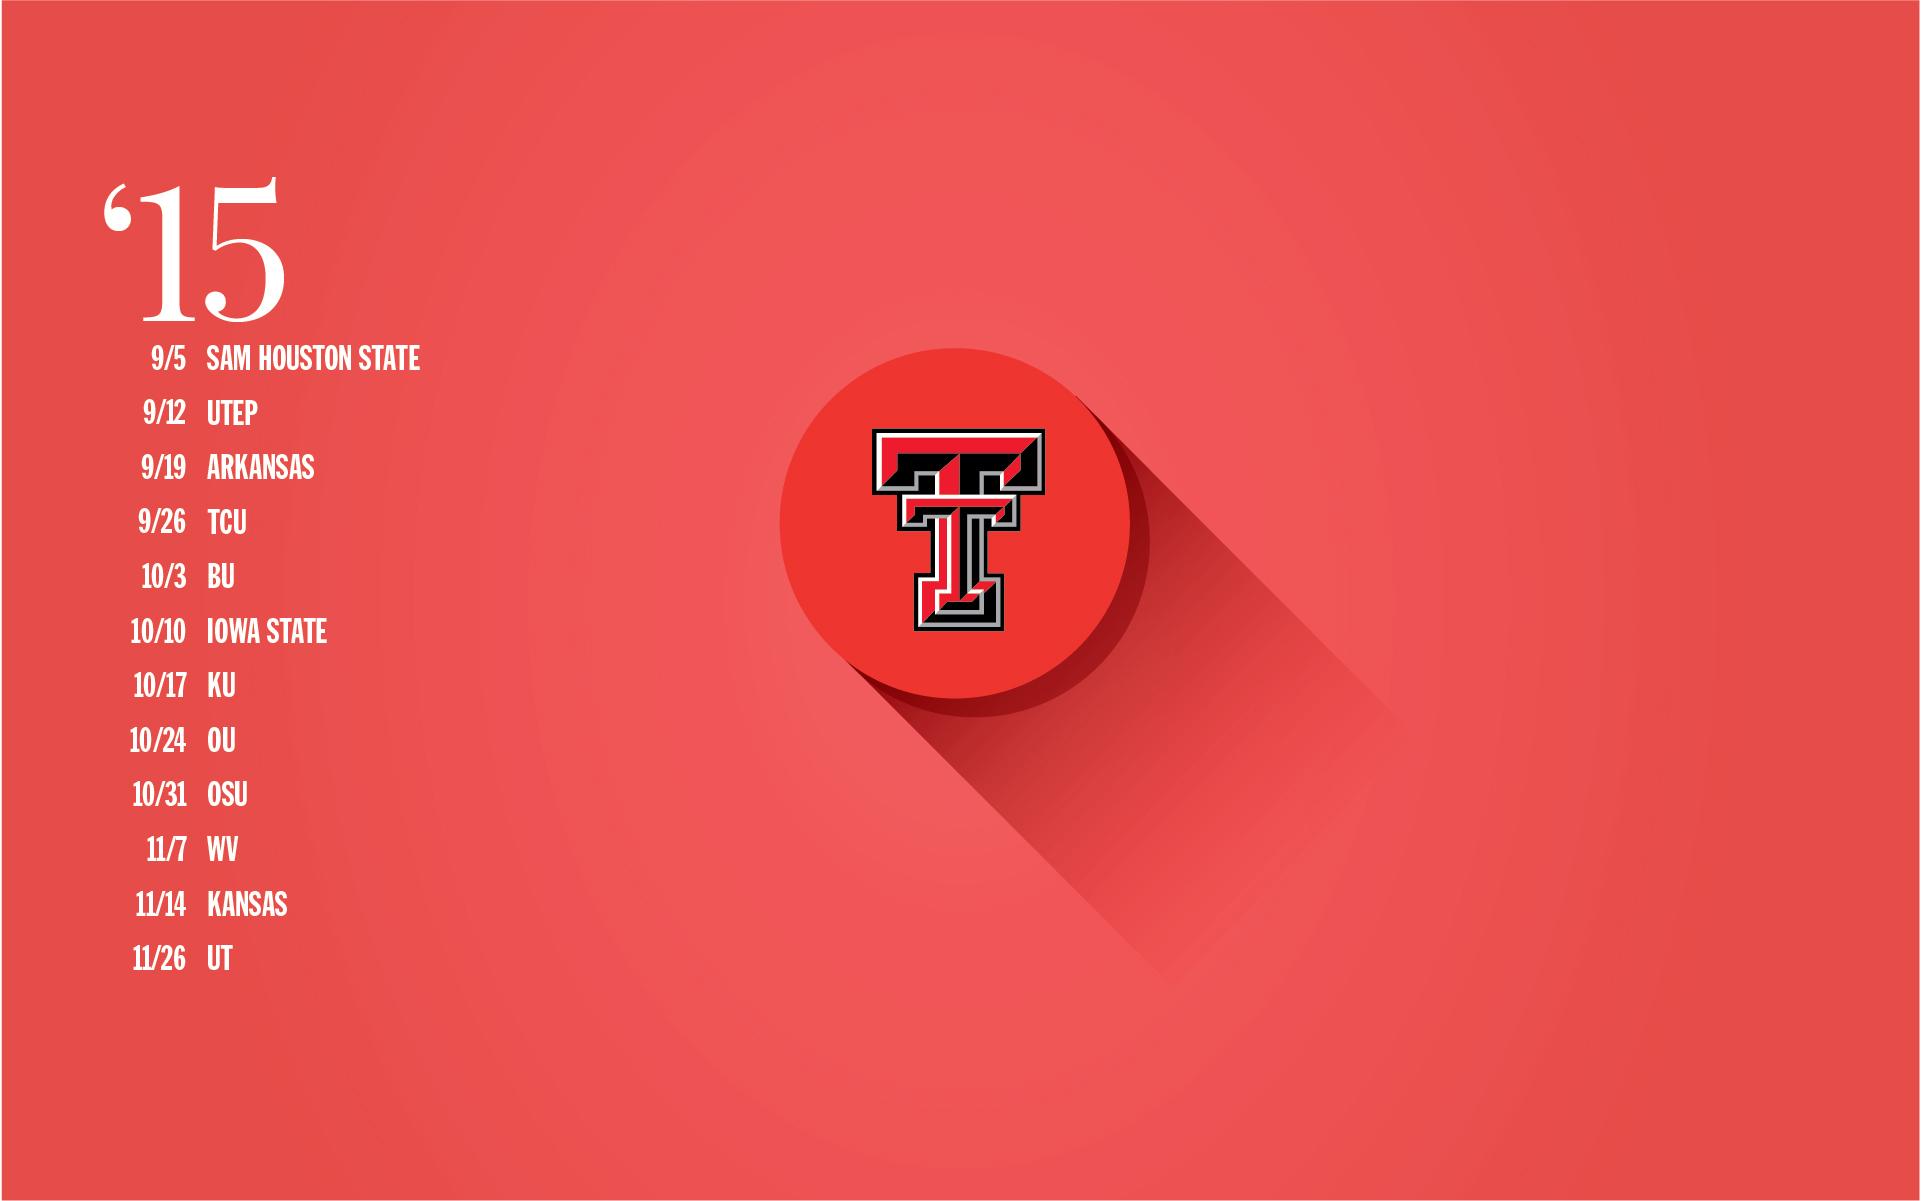 Free Texas Tech Football Schedule Wallpaper - RDT